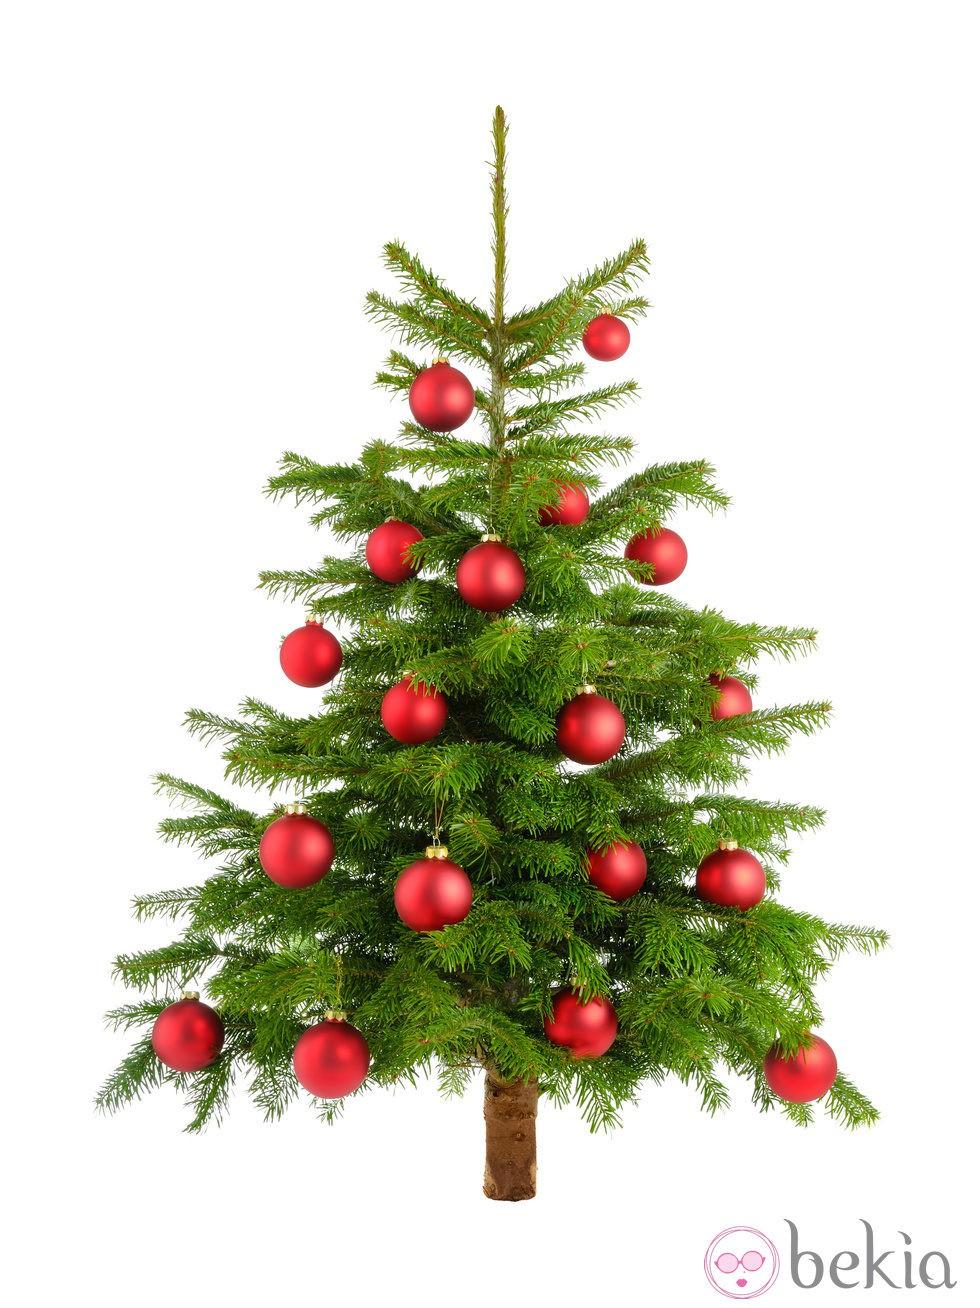 Rbol de navidad decorado con bolas rojas fotos en bekia - Bolas de navidad rojas ...